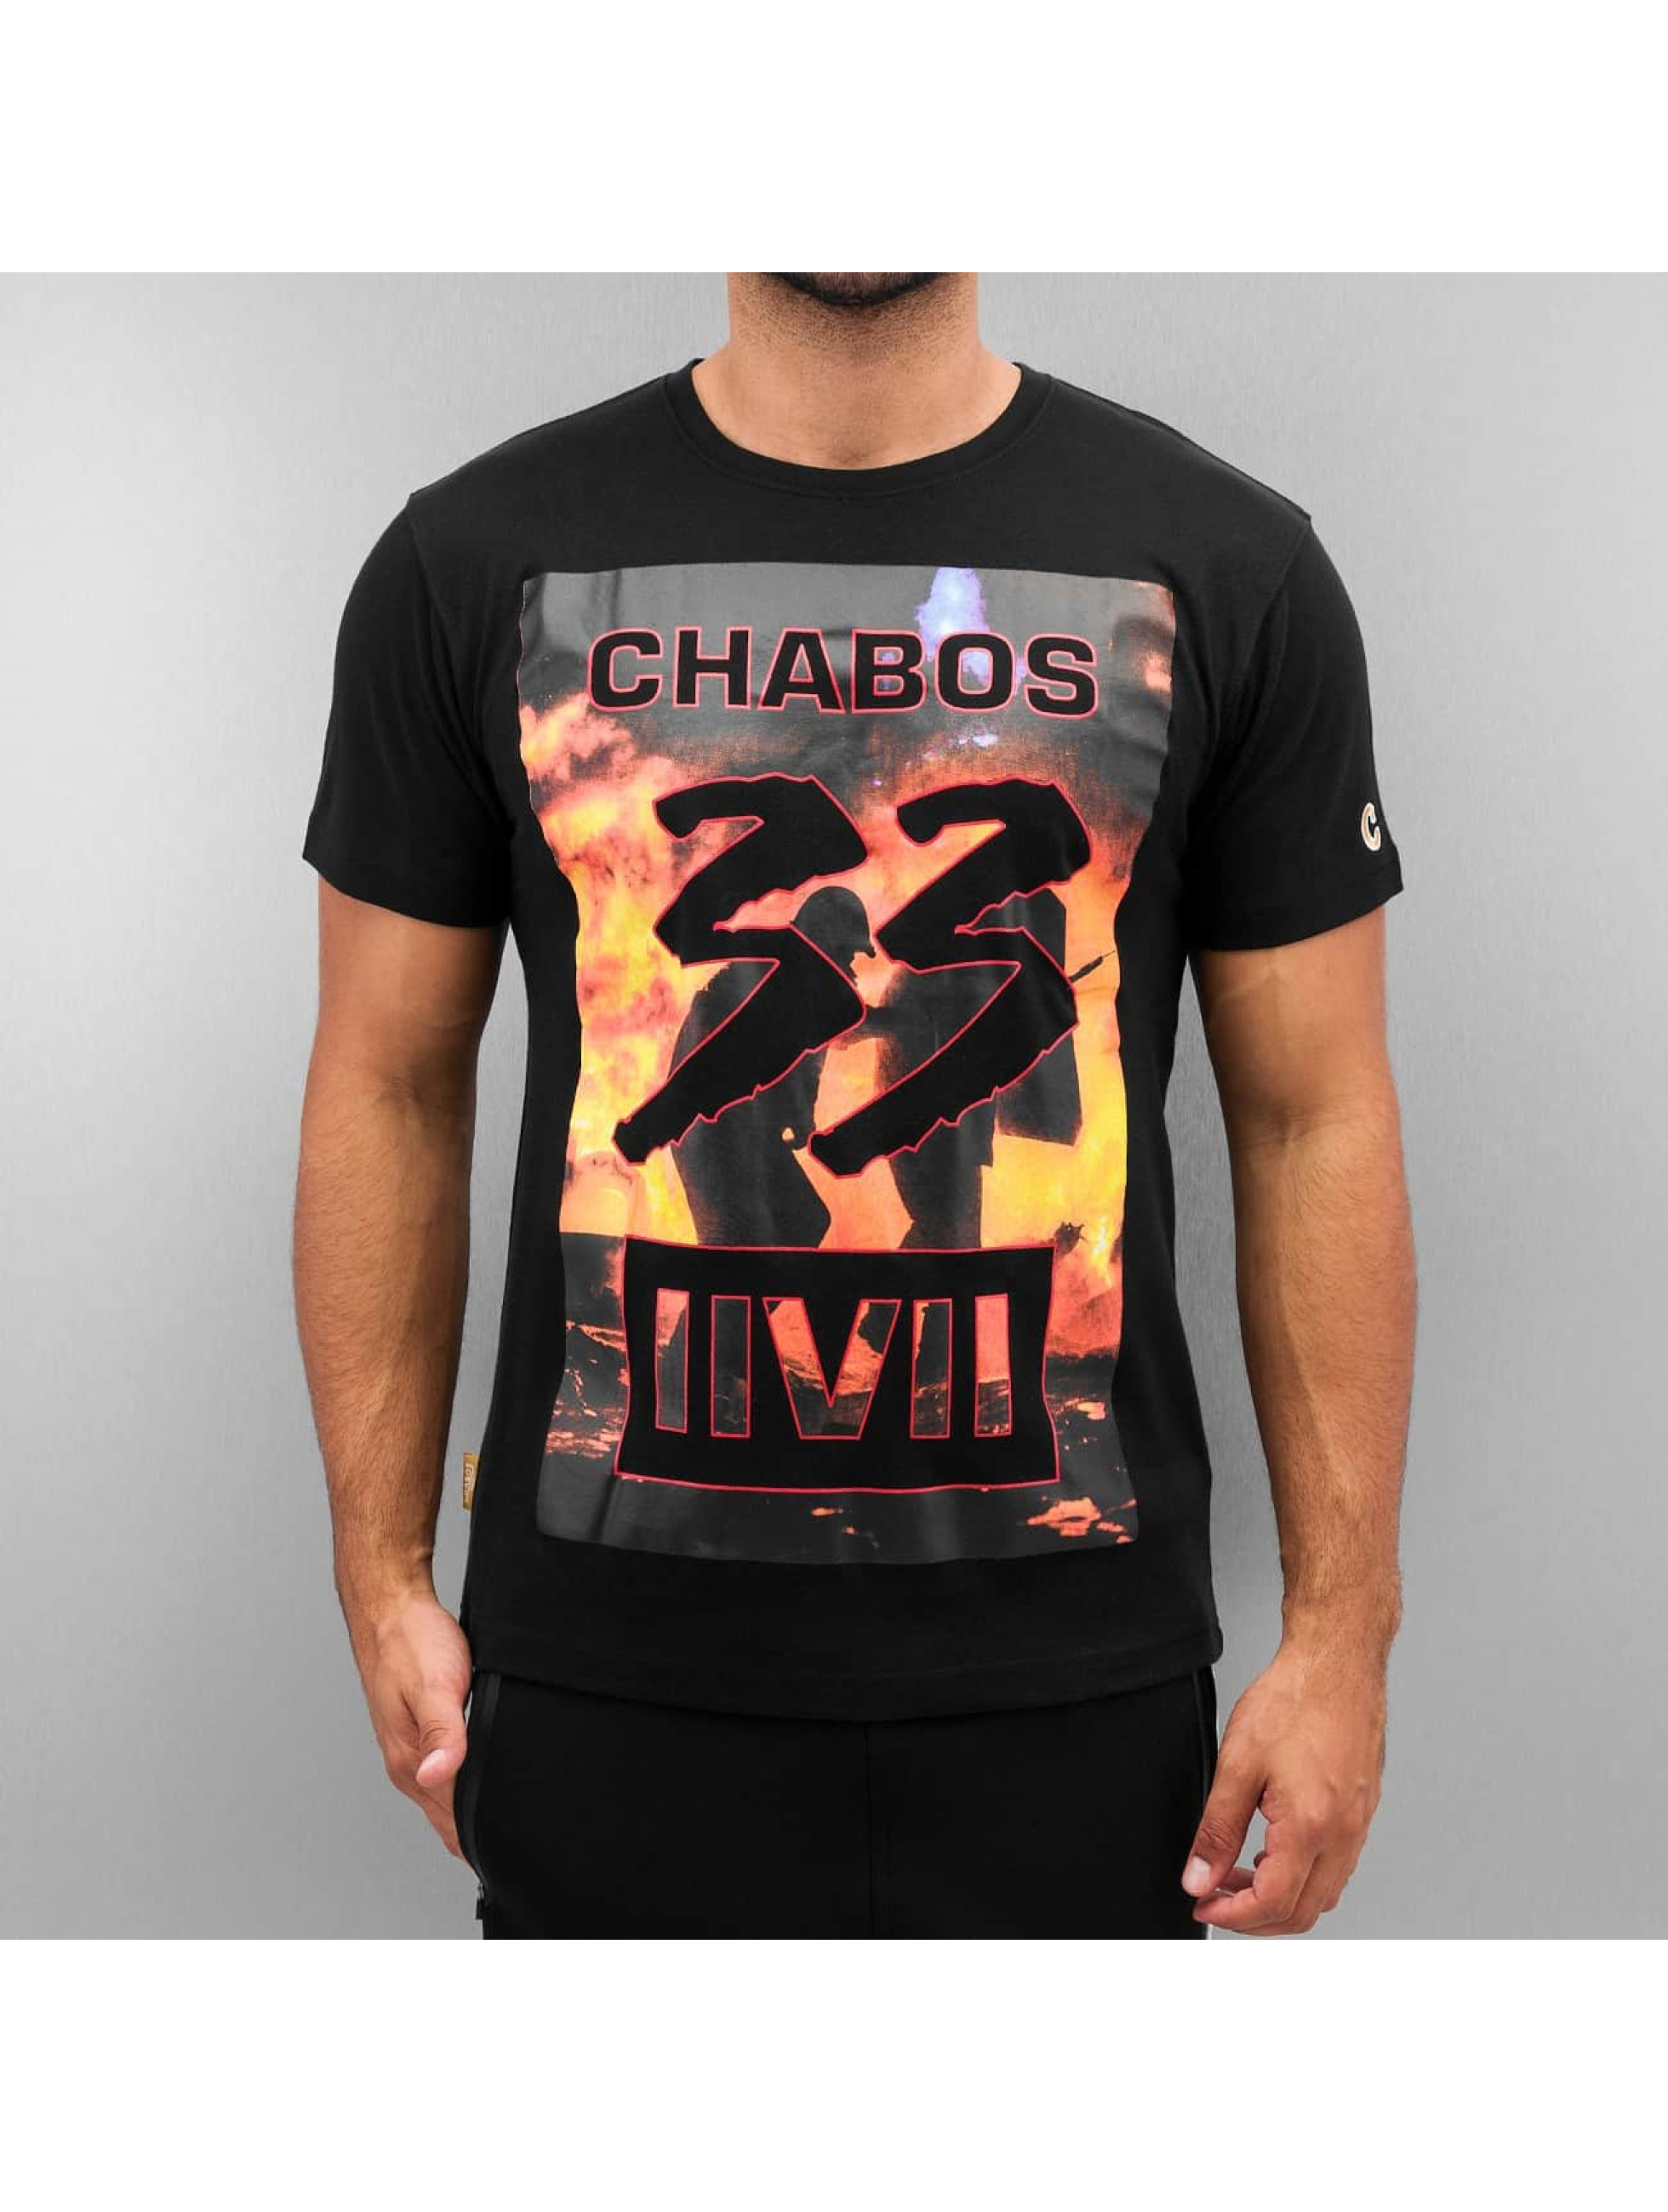 CHABOS IIVII Футболка 33 черный